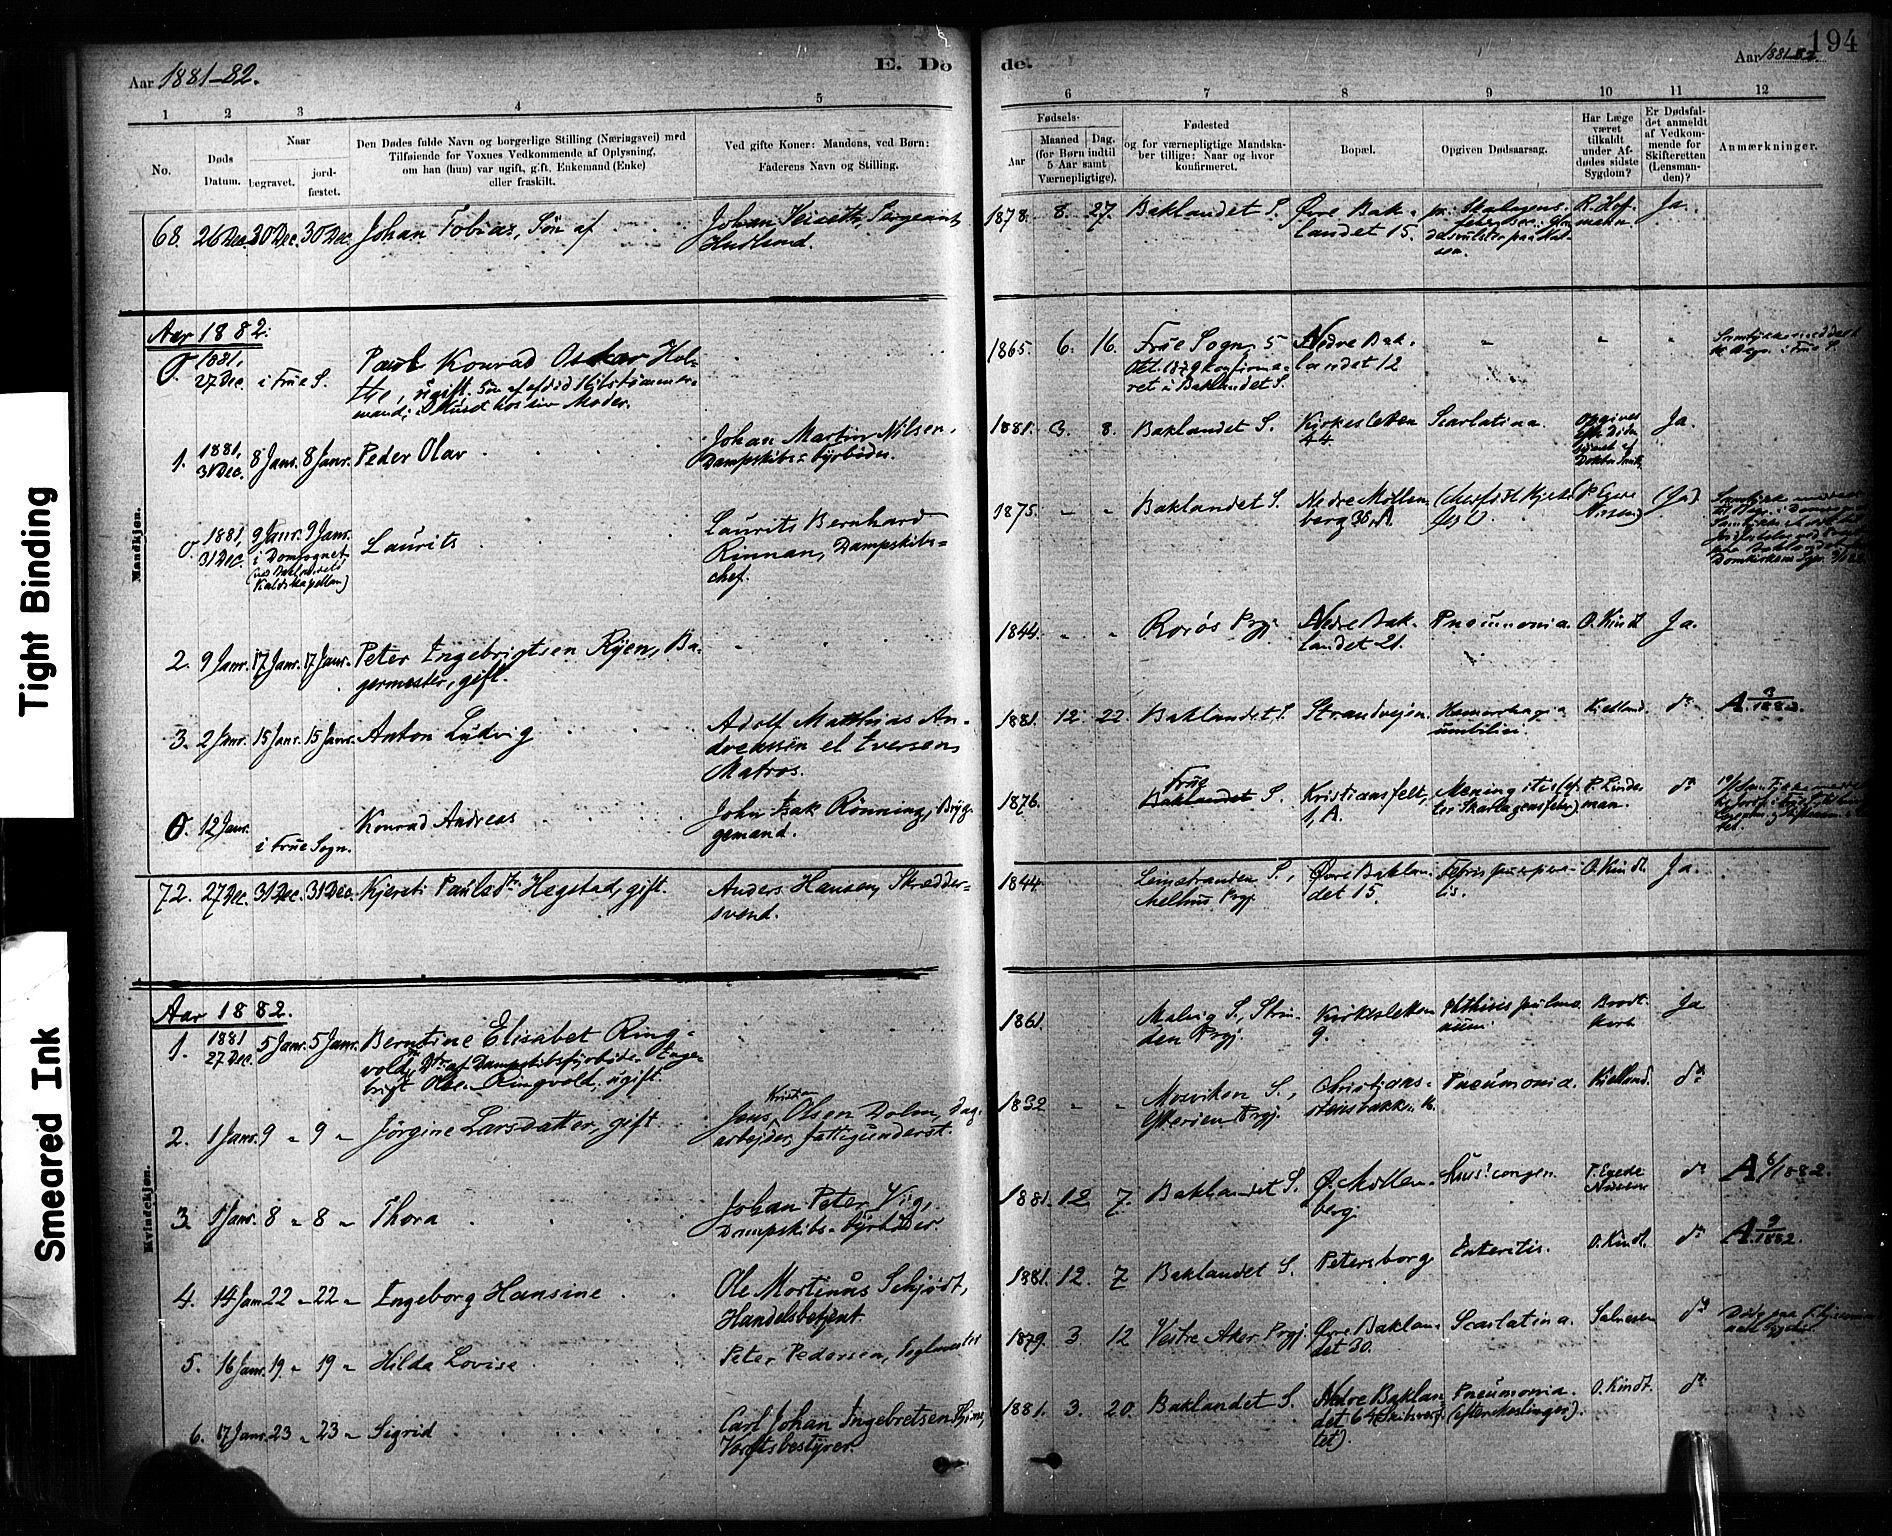 SAT, Ministerialprotokoller, klokkerbøker og fødselsregistre - Sør-Trøndelag, 604/L0189: Ministerialbok nr. 604A10, 1878-1892, s. 194